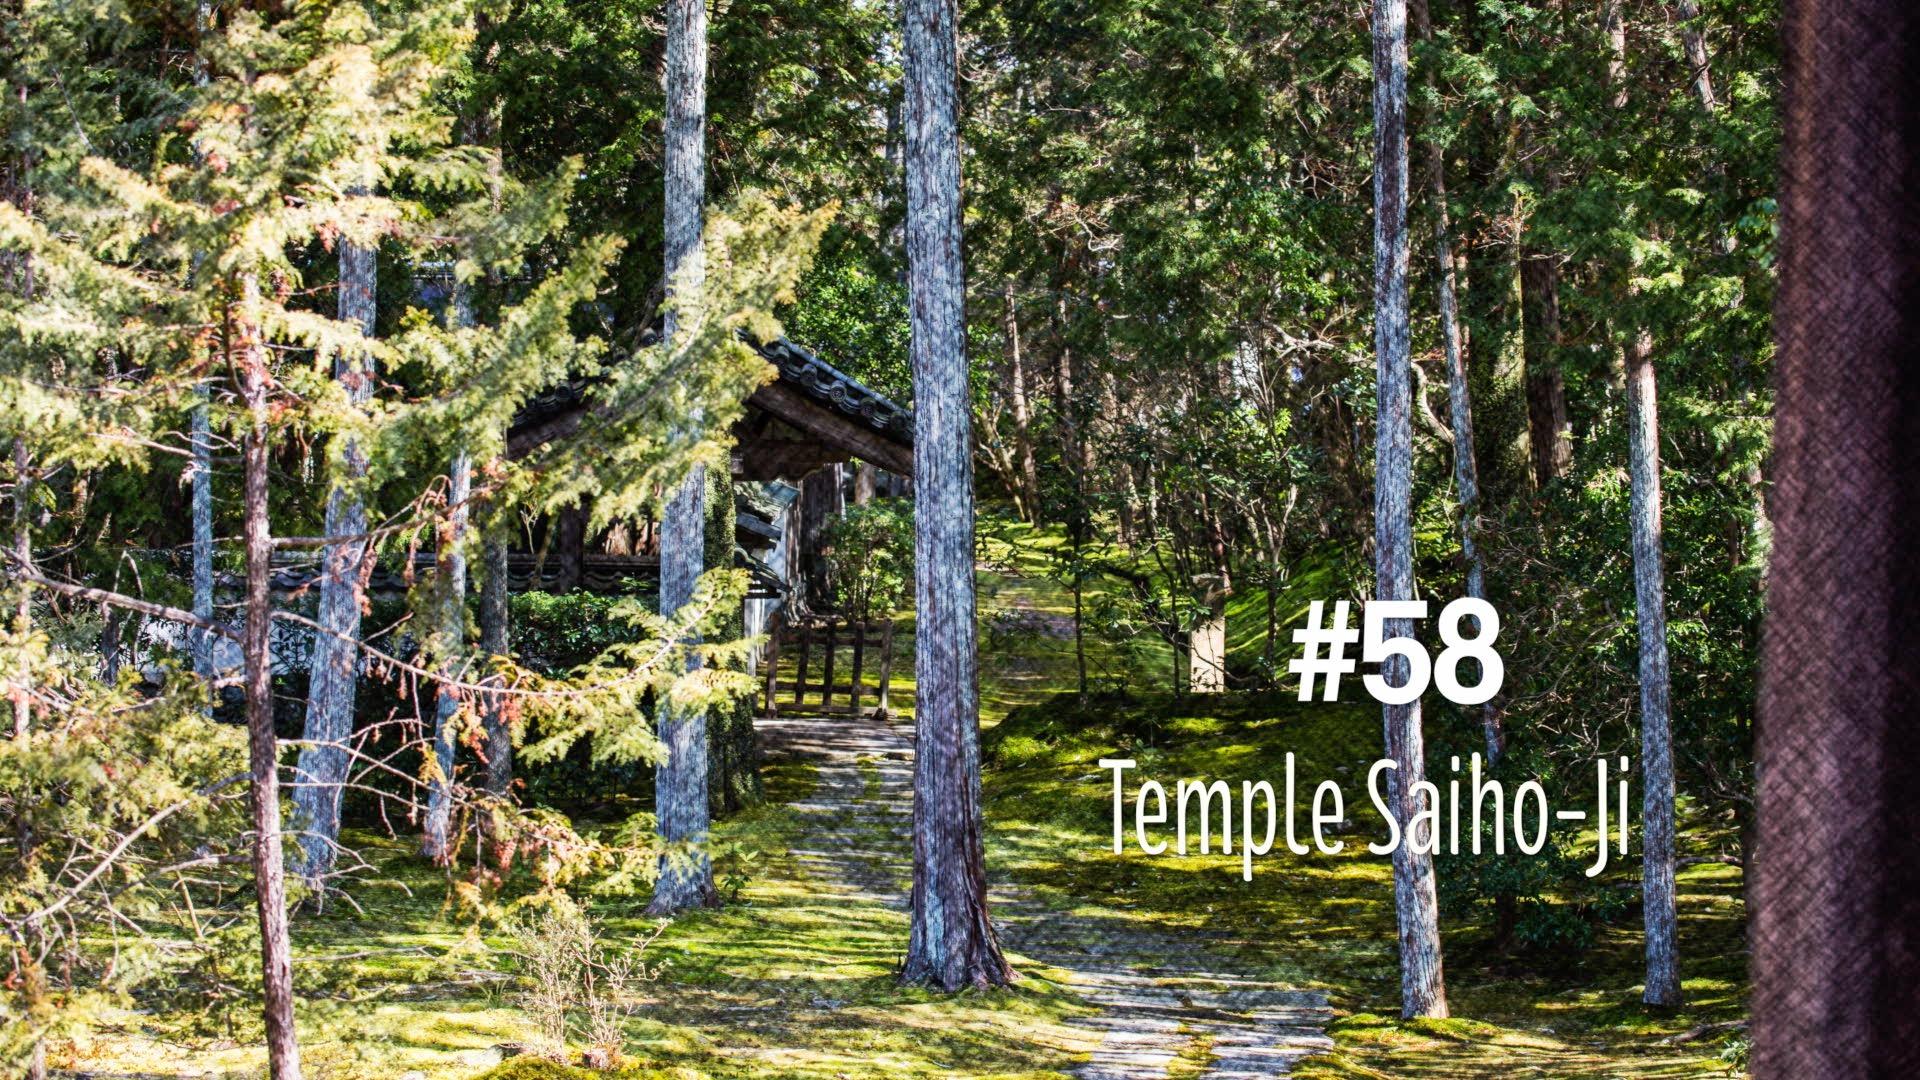 Le temple Saiho-ji à Kyoto (#58)